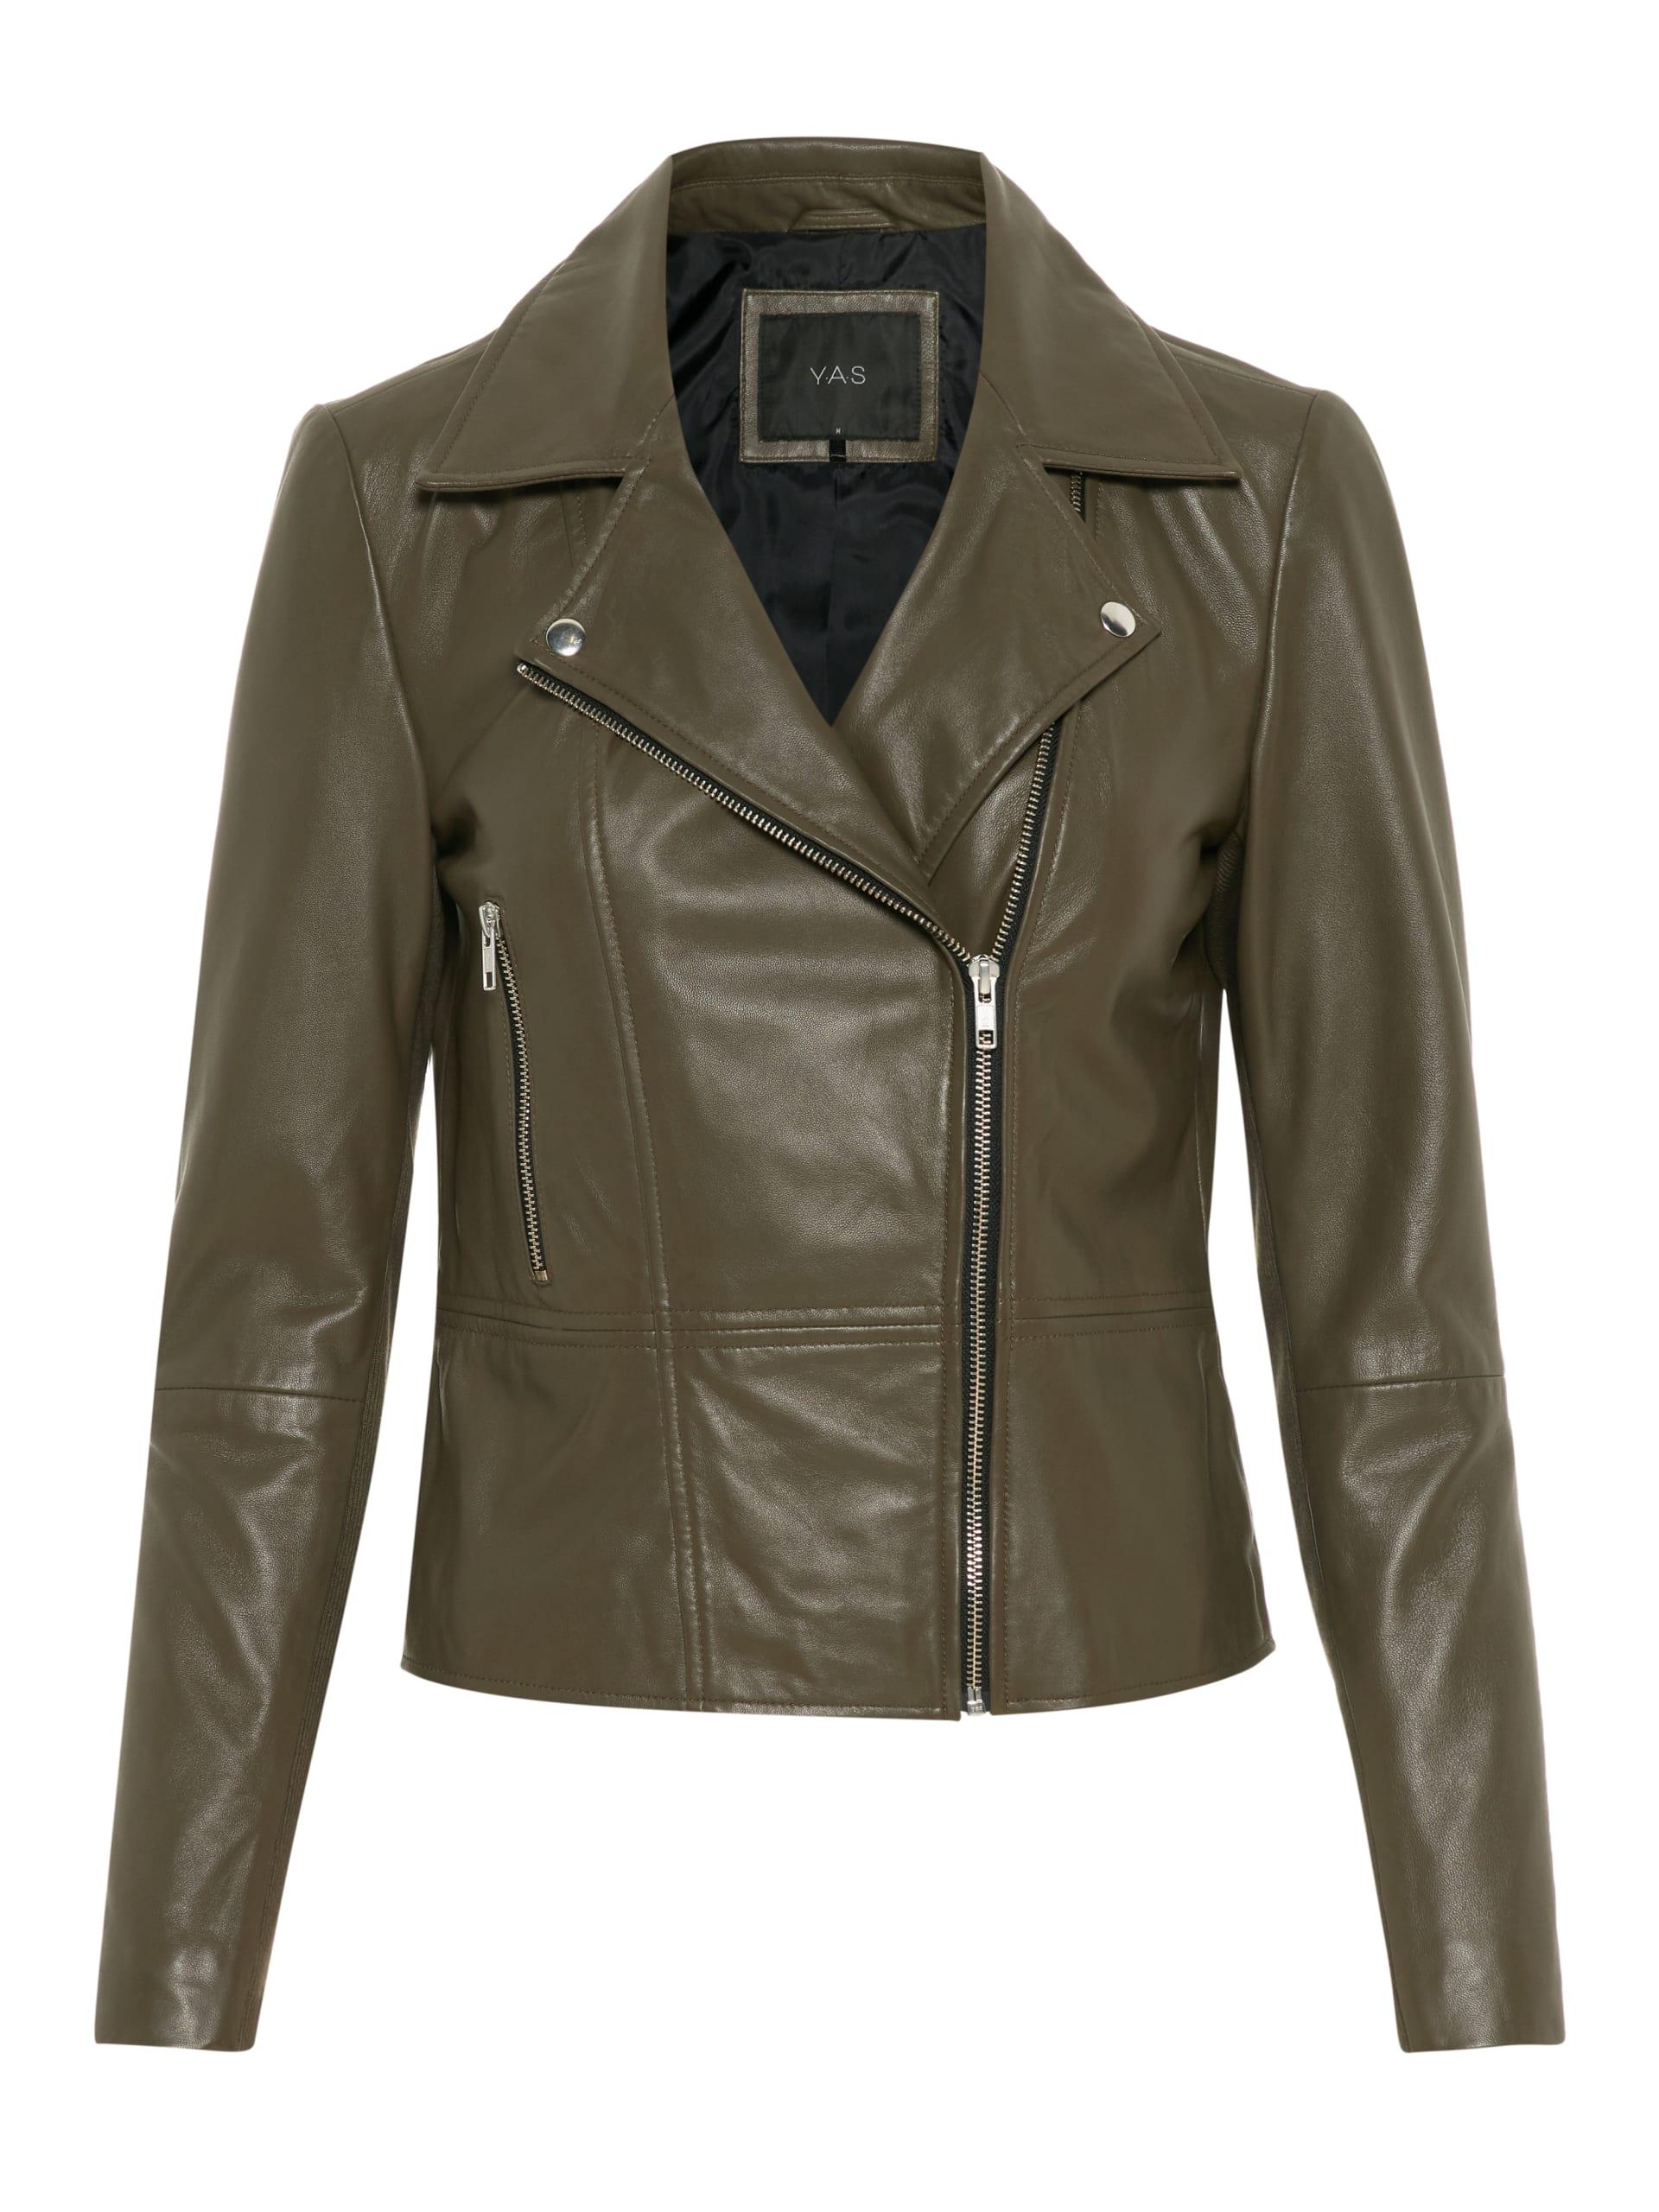 ab9690be Grønn skinnjakke dame, skinnjakke fra YAS, biker skinnjakke, kort jakke.